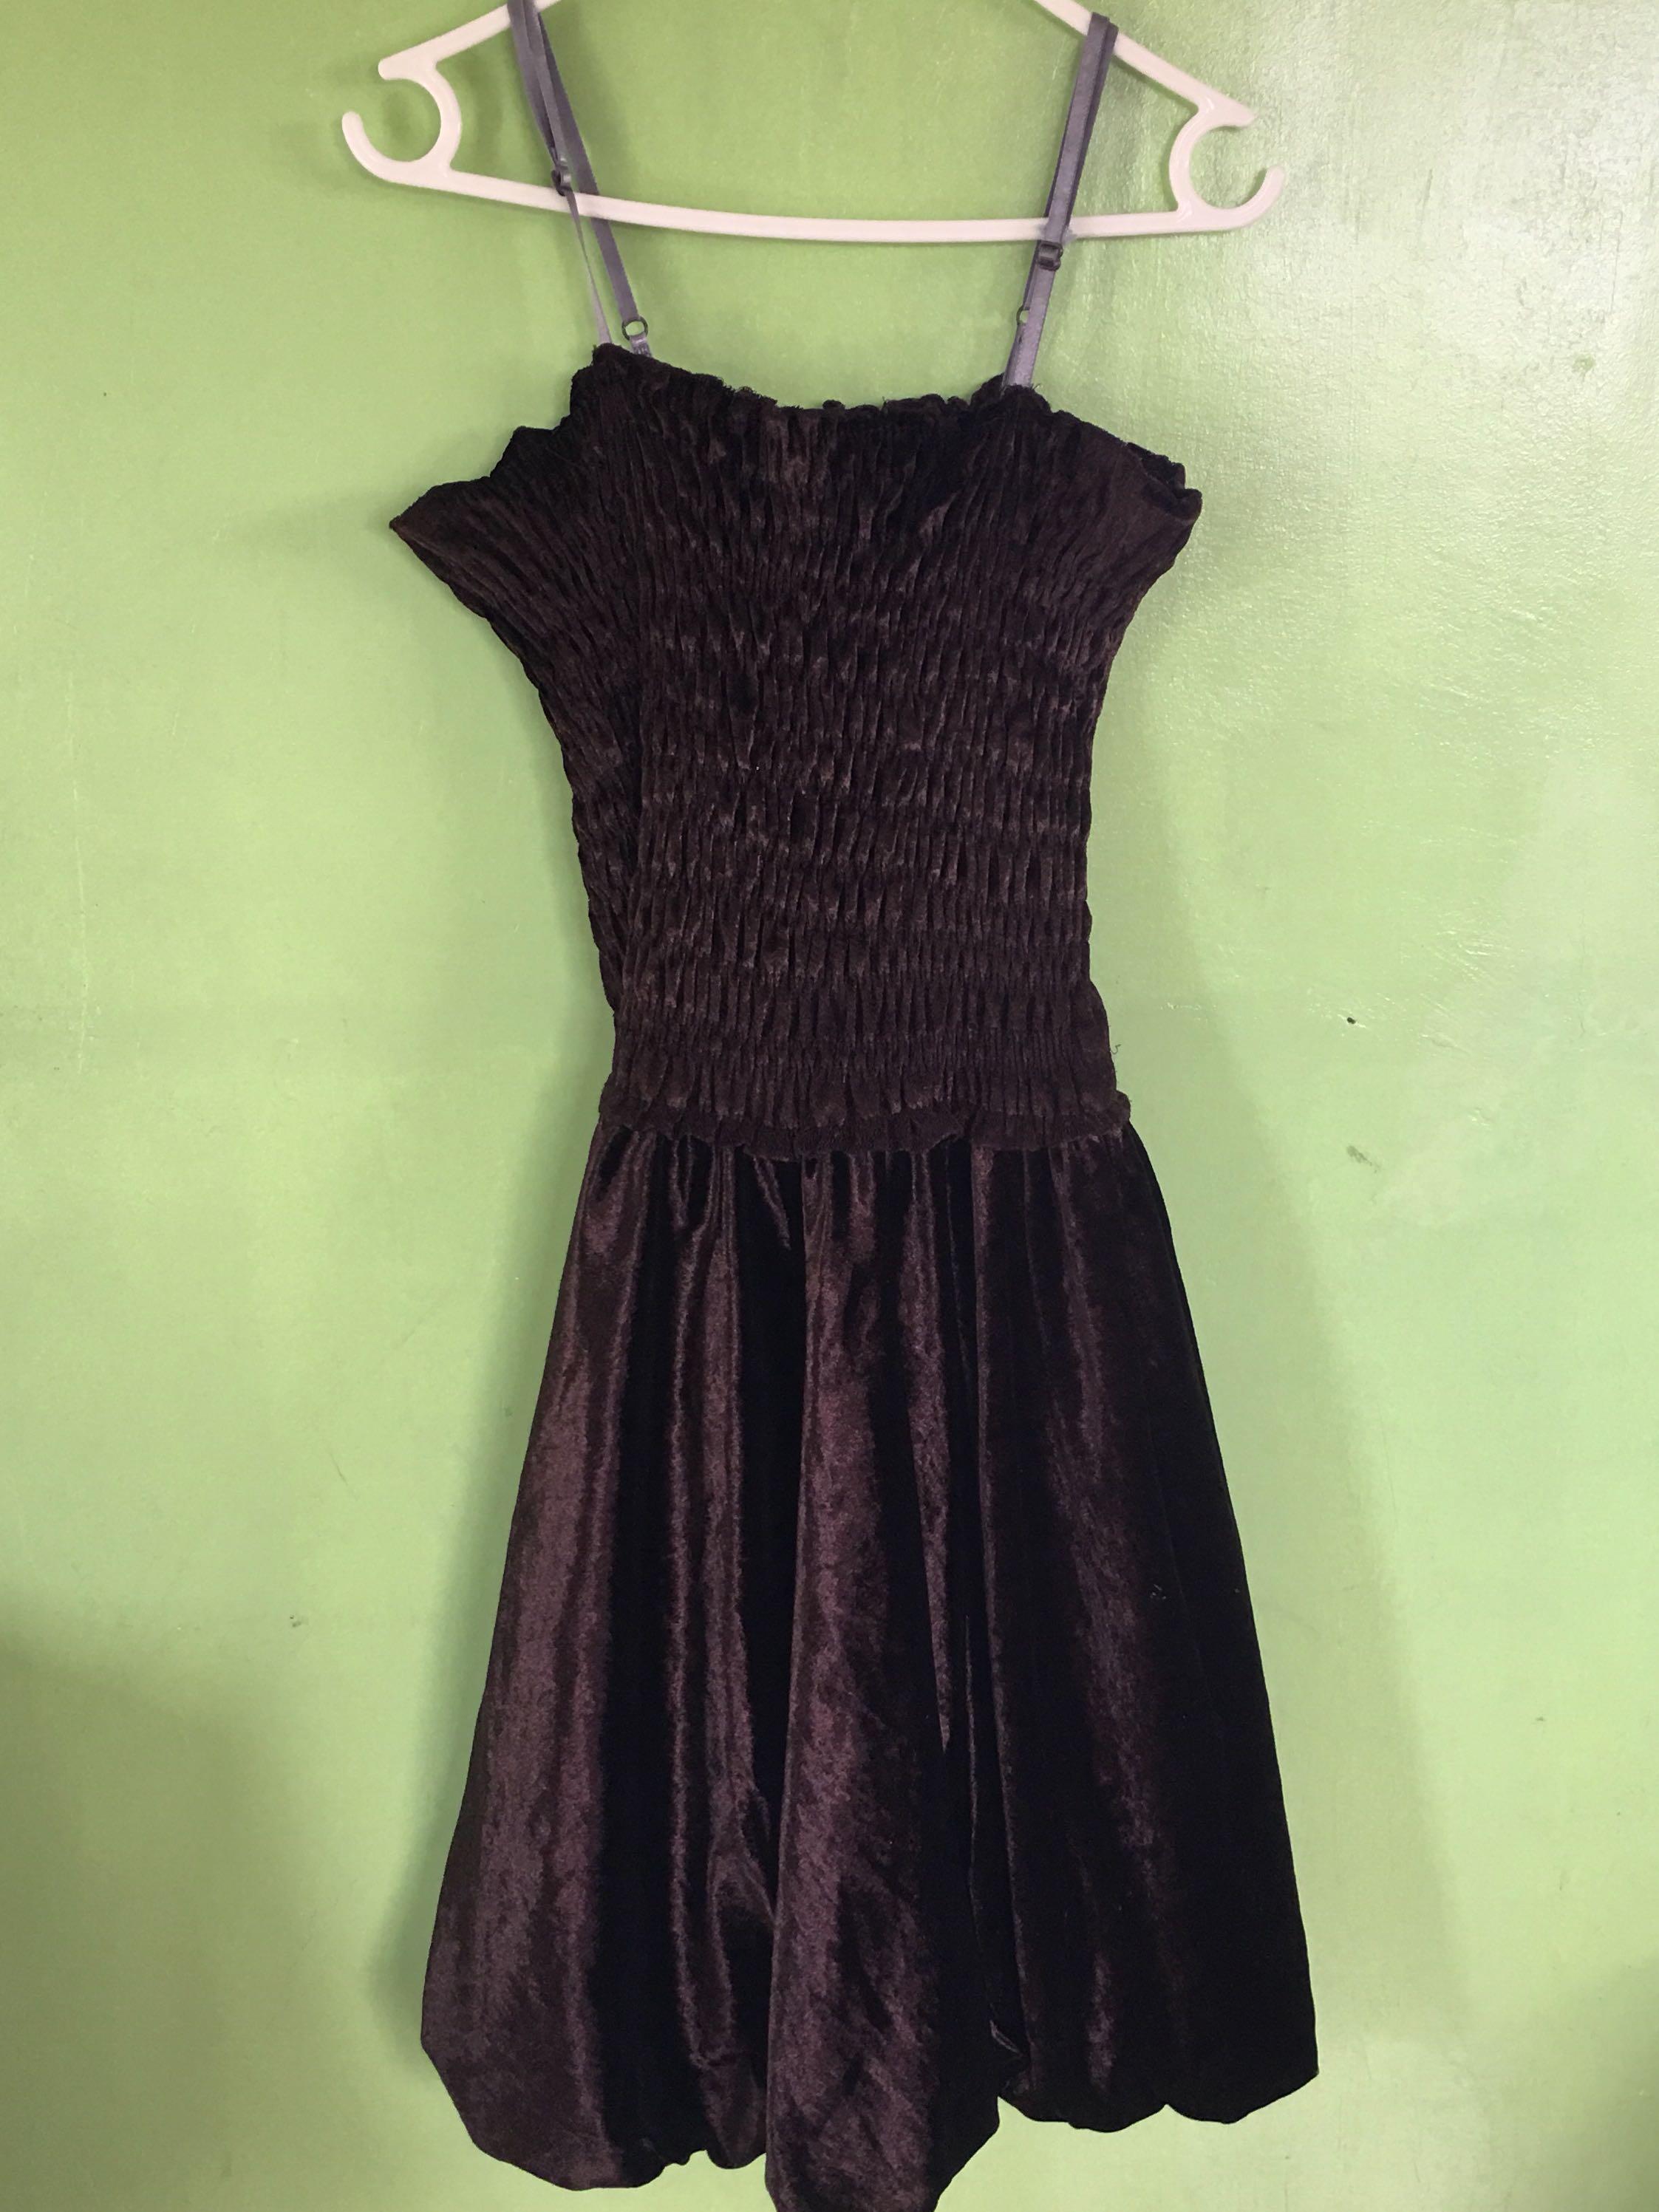 Dress Bundles